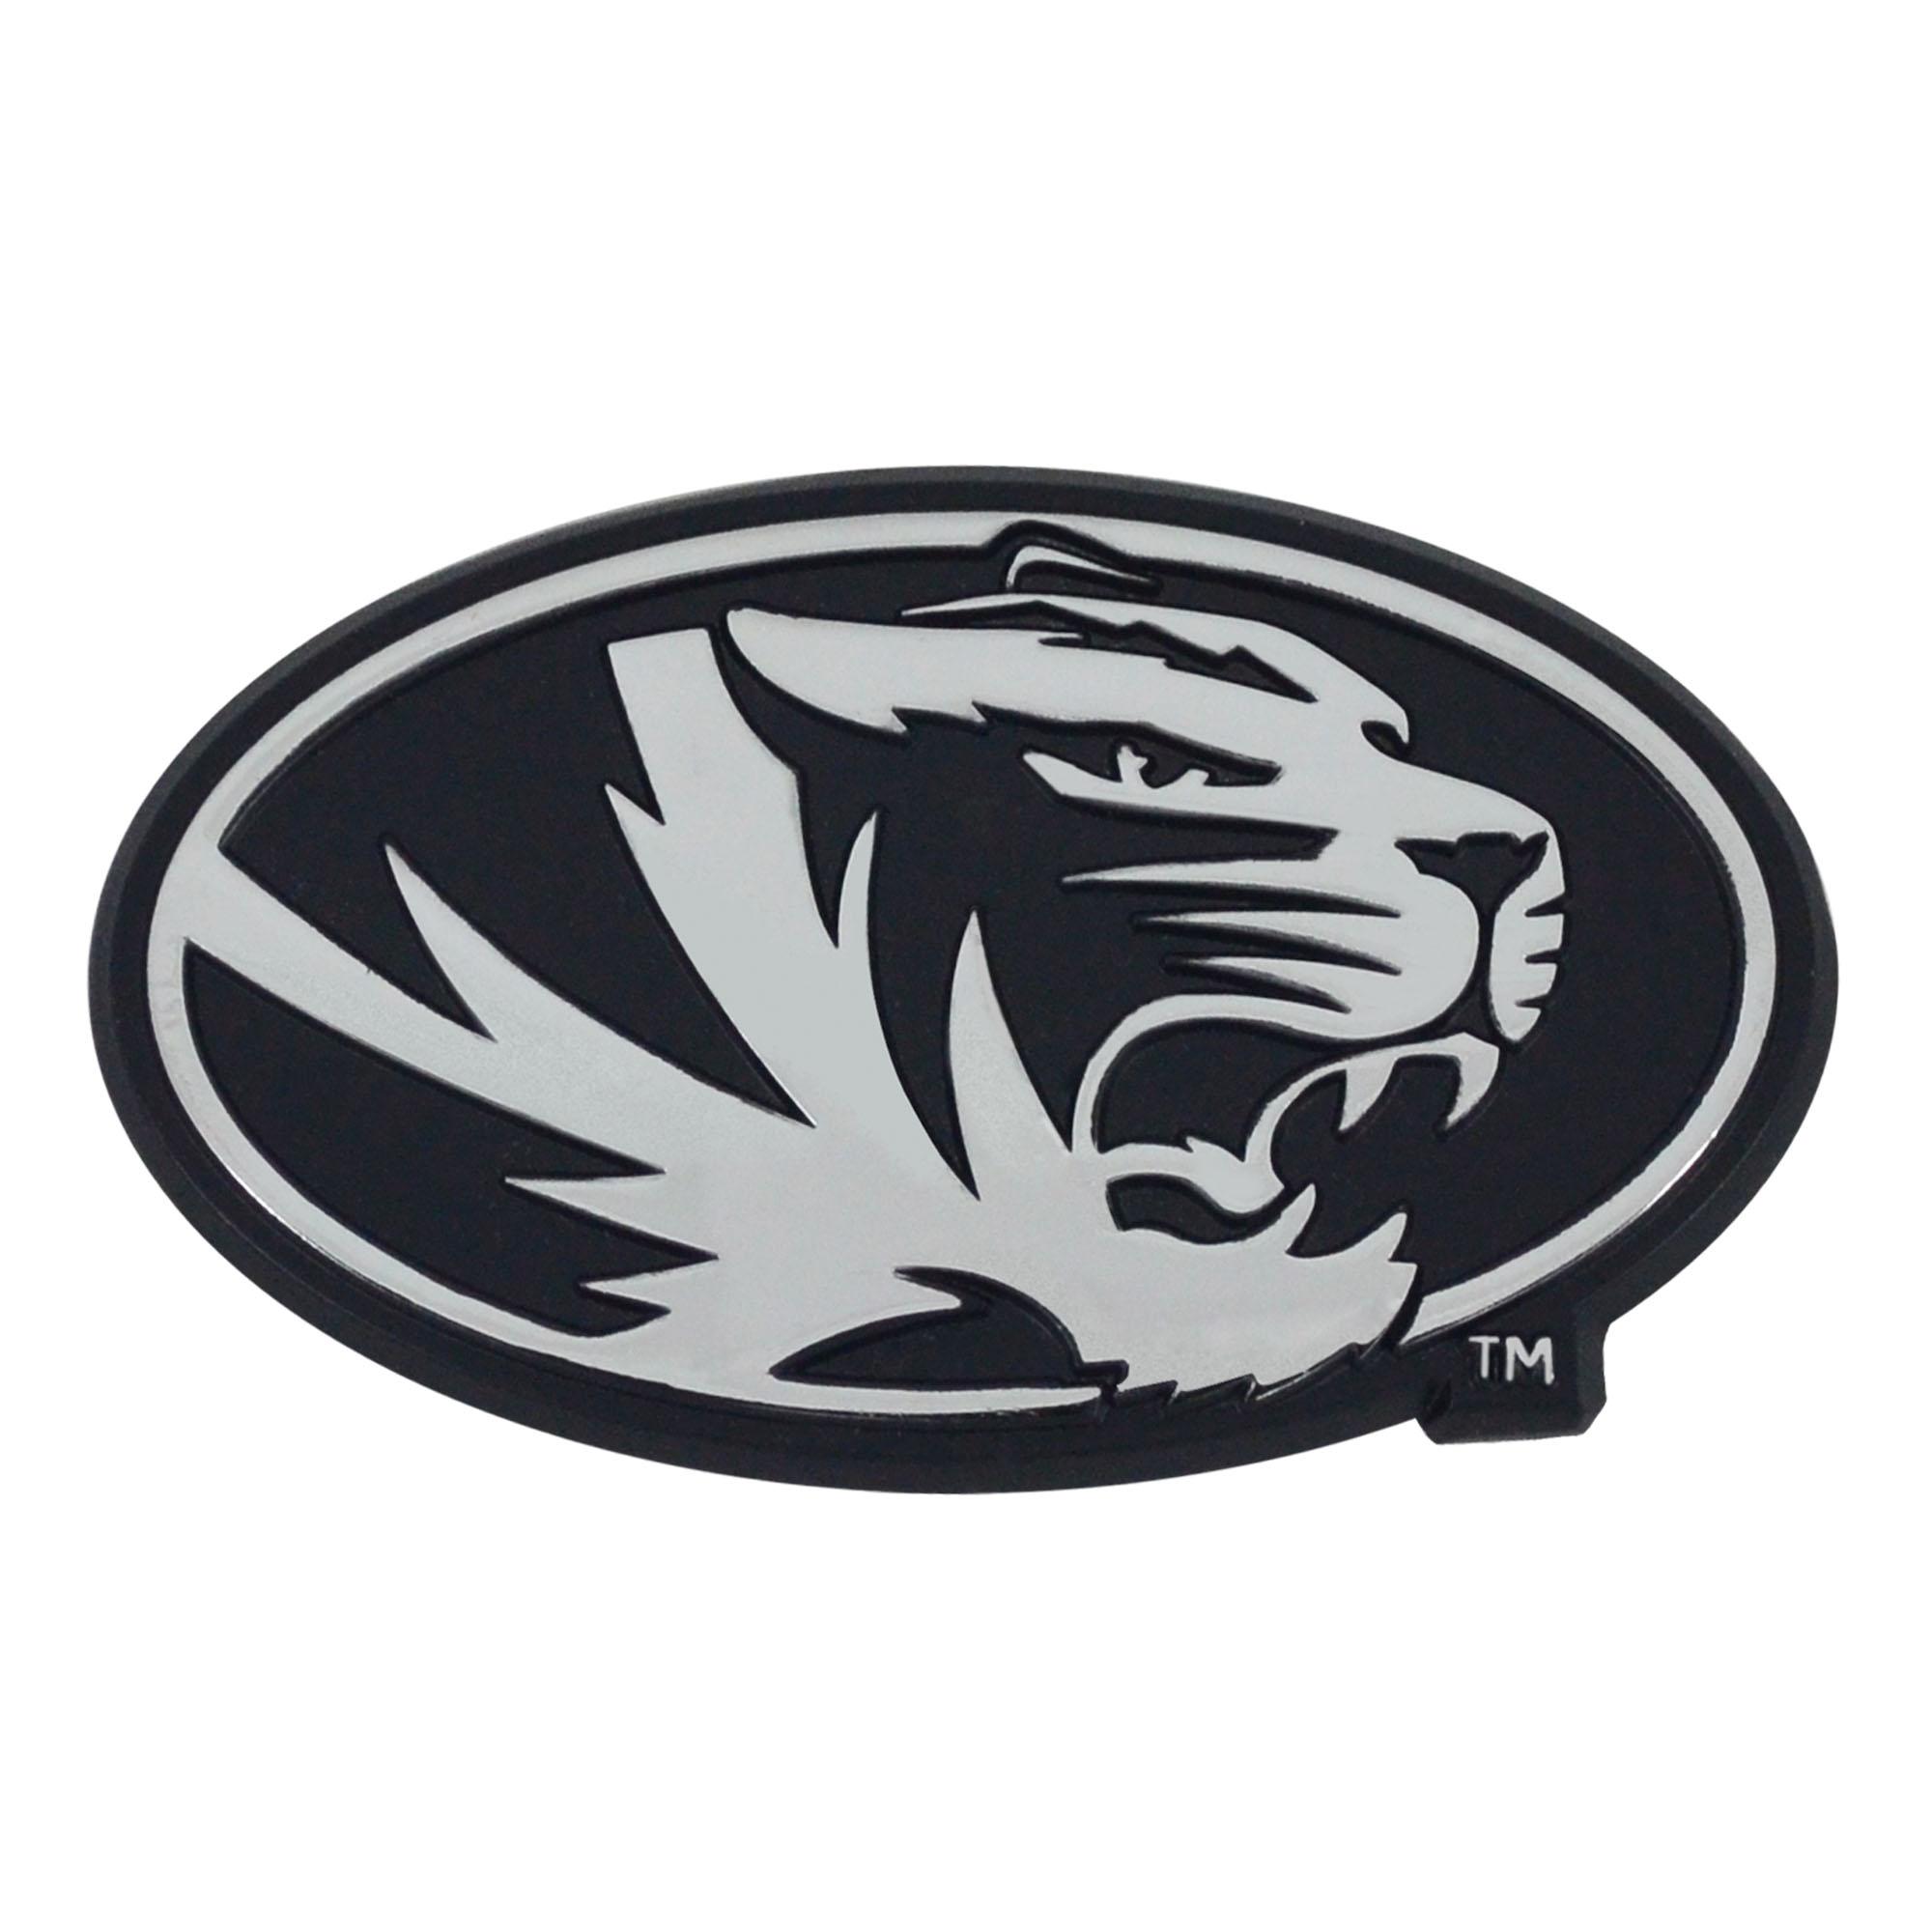 Alabama Emblem 3 Quot X3 2 Quot Ebay